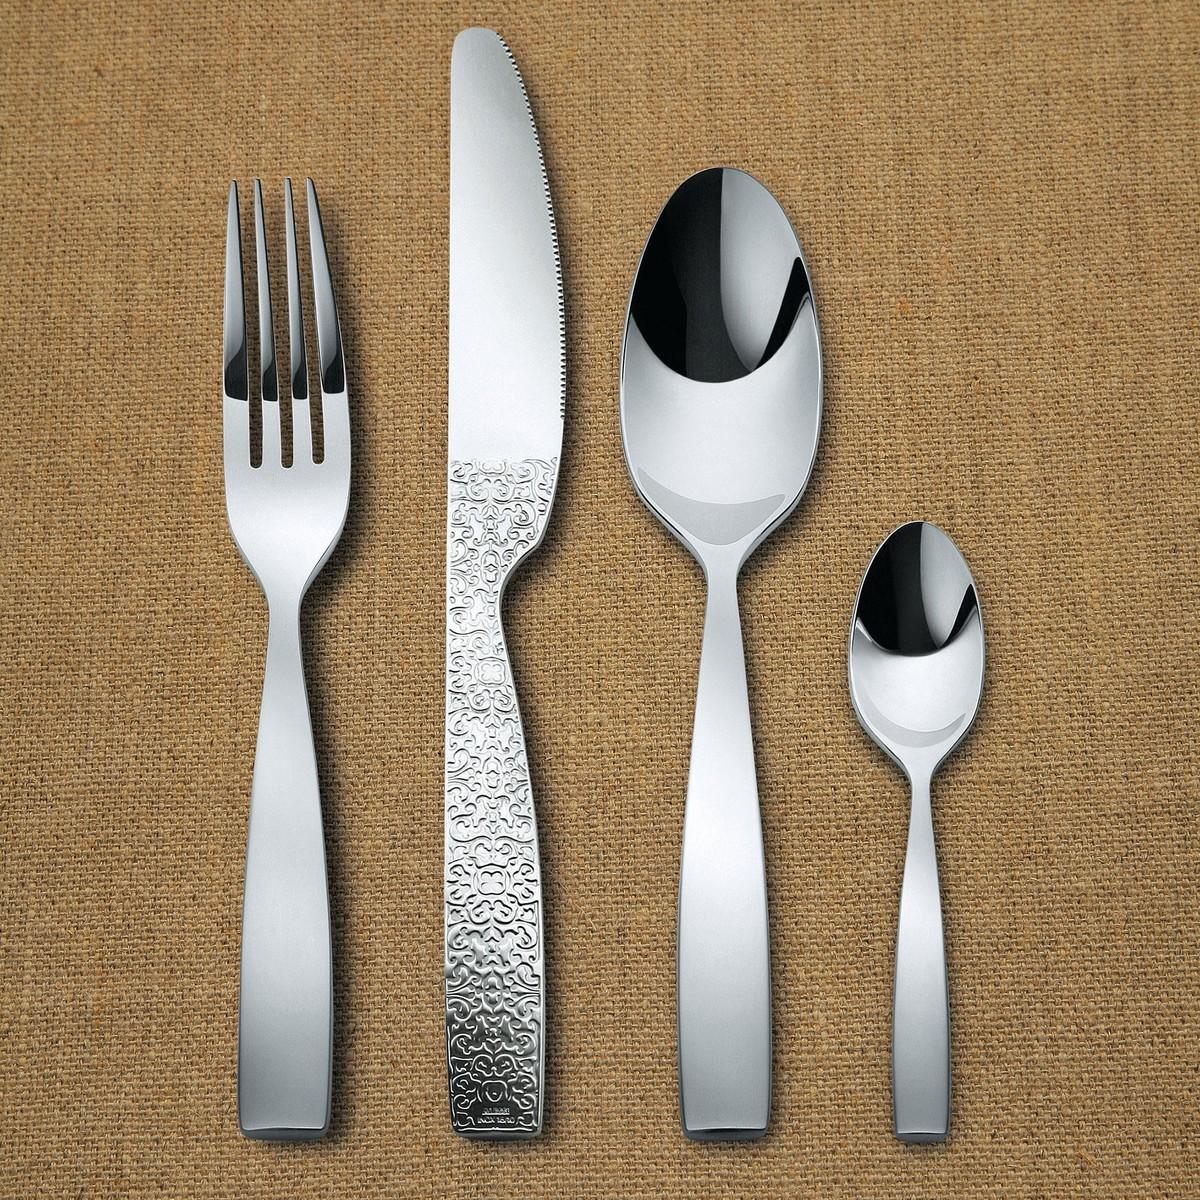 Dressed cutlery set 24 piece alessi - Alessi flatware sale ...